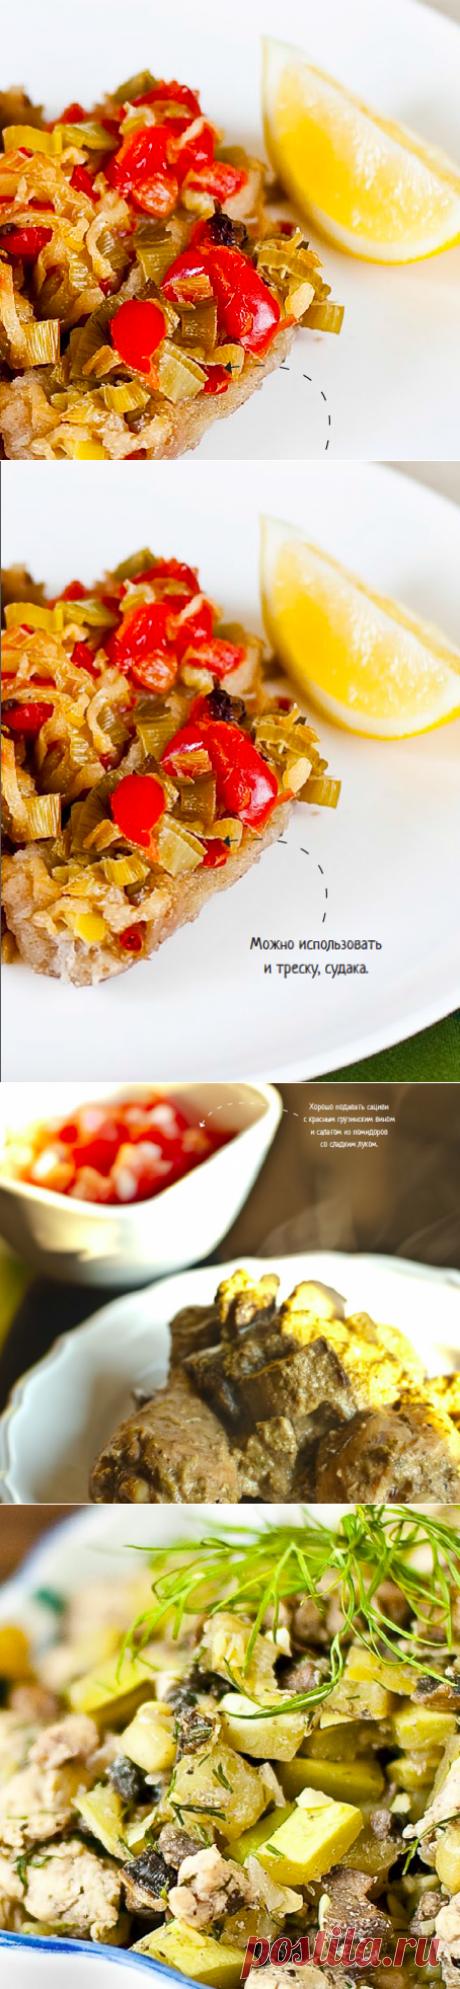 Здоровые и вкусные блюда в мультиварке | Блог издательства «Манн, Иванов и Фербер»